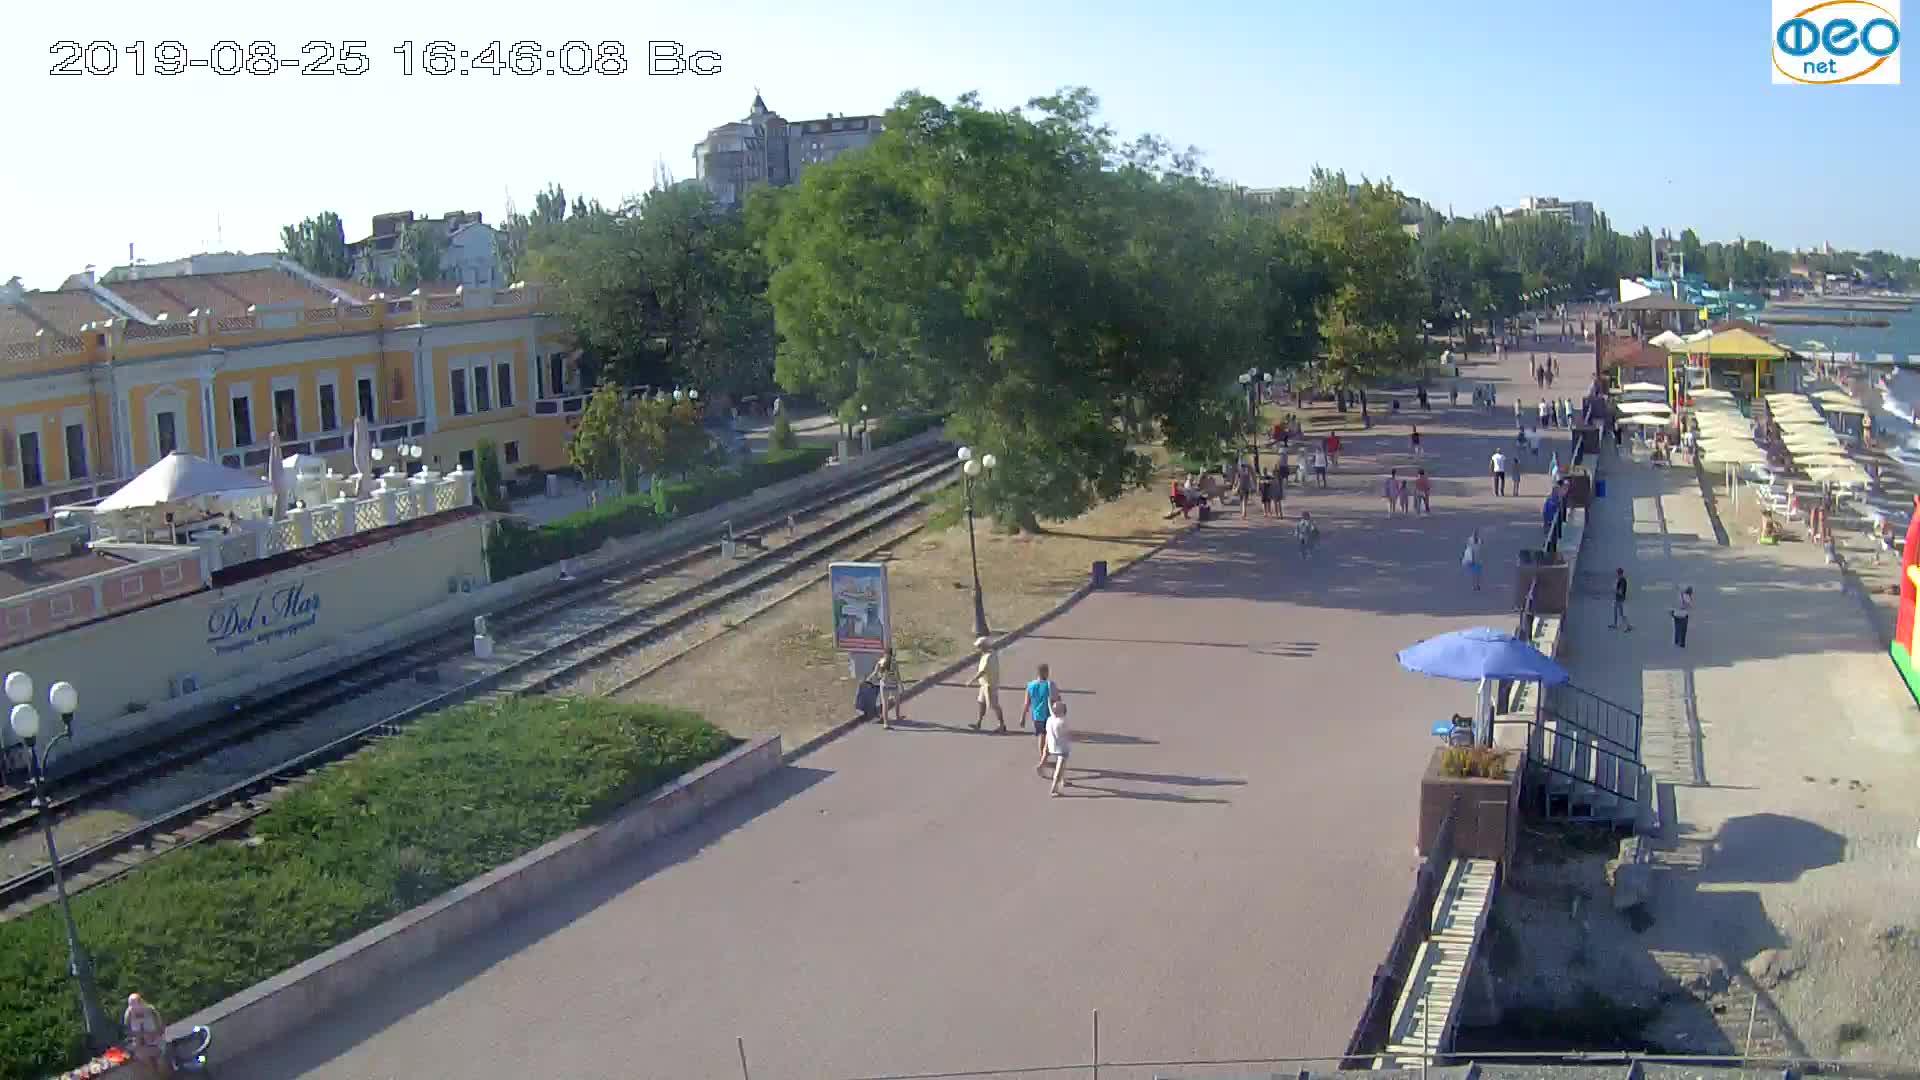 Веб-камеры Феодосии, Набережная, 2019-08-25 16:40:05